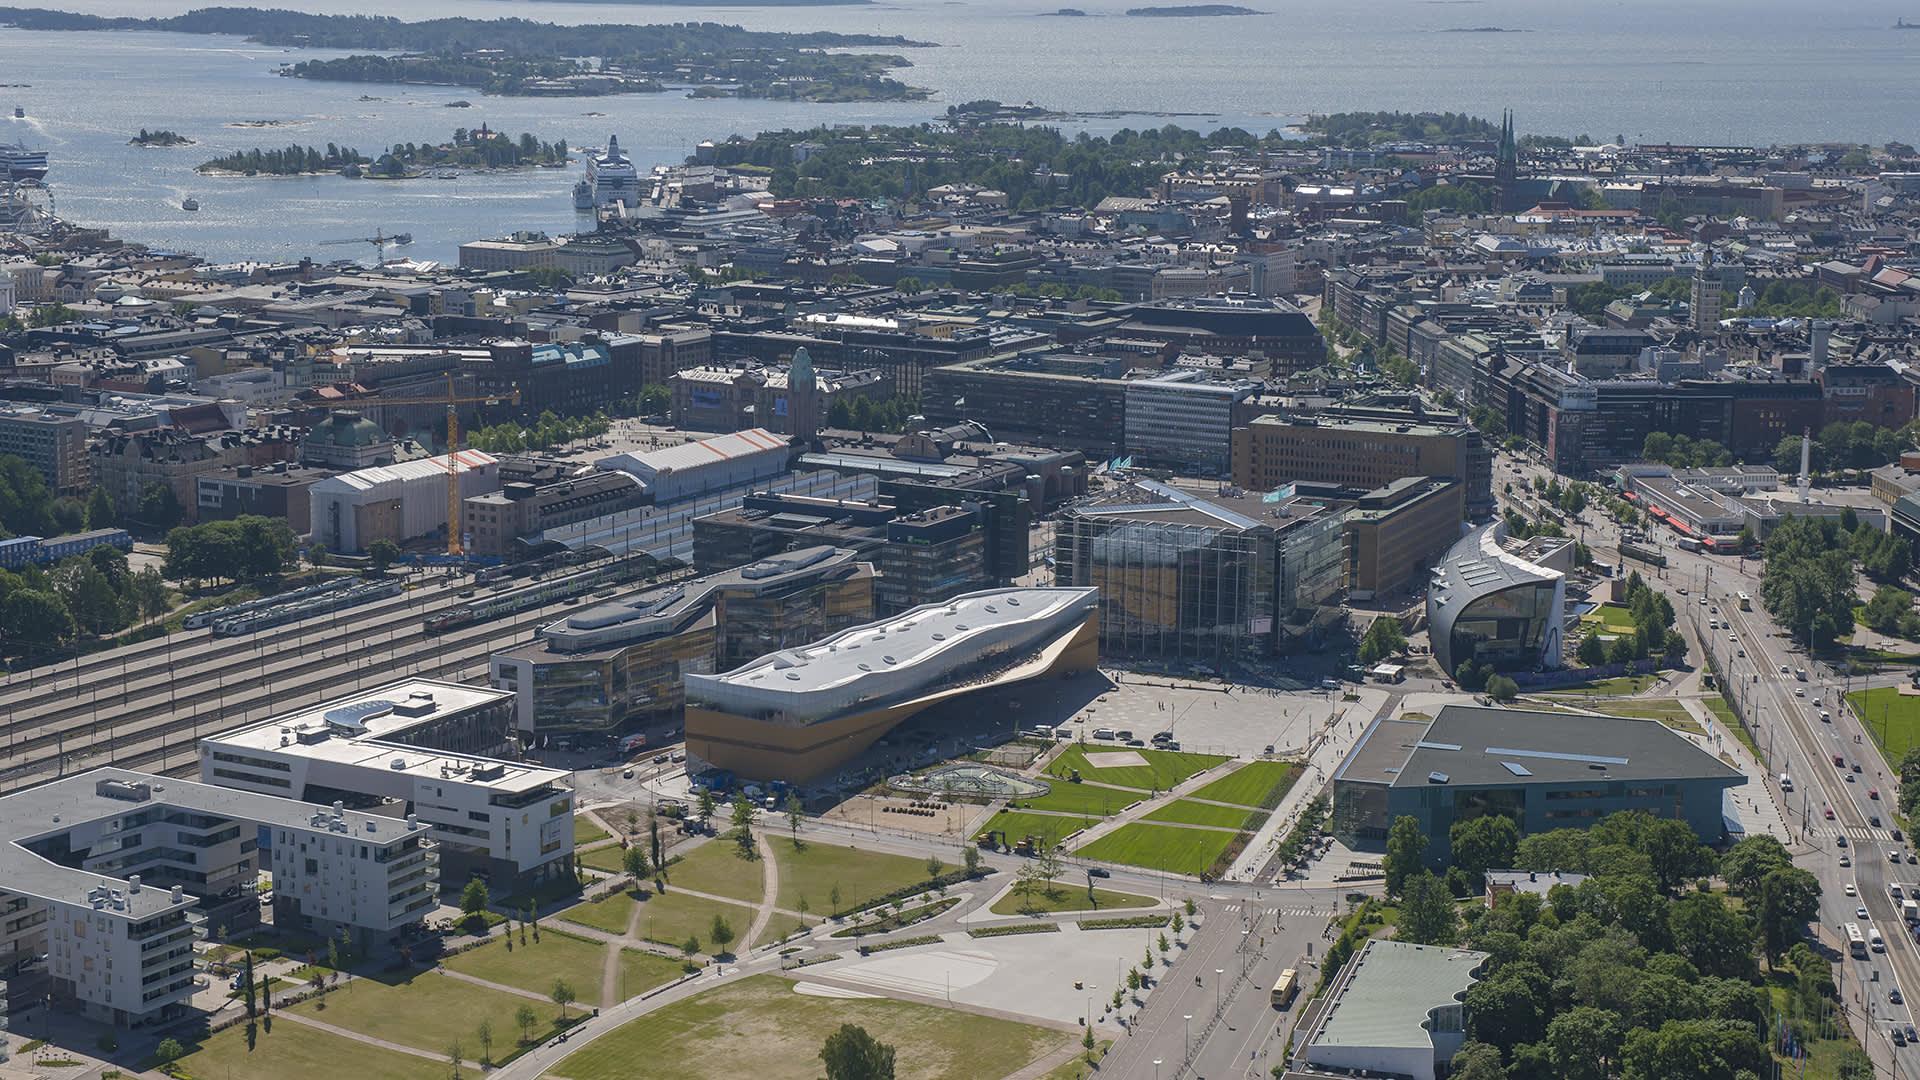 Helsingin kaupunkikuva